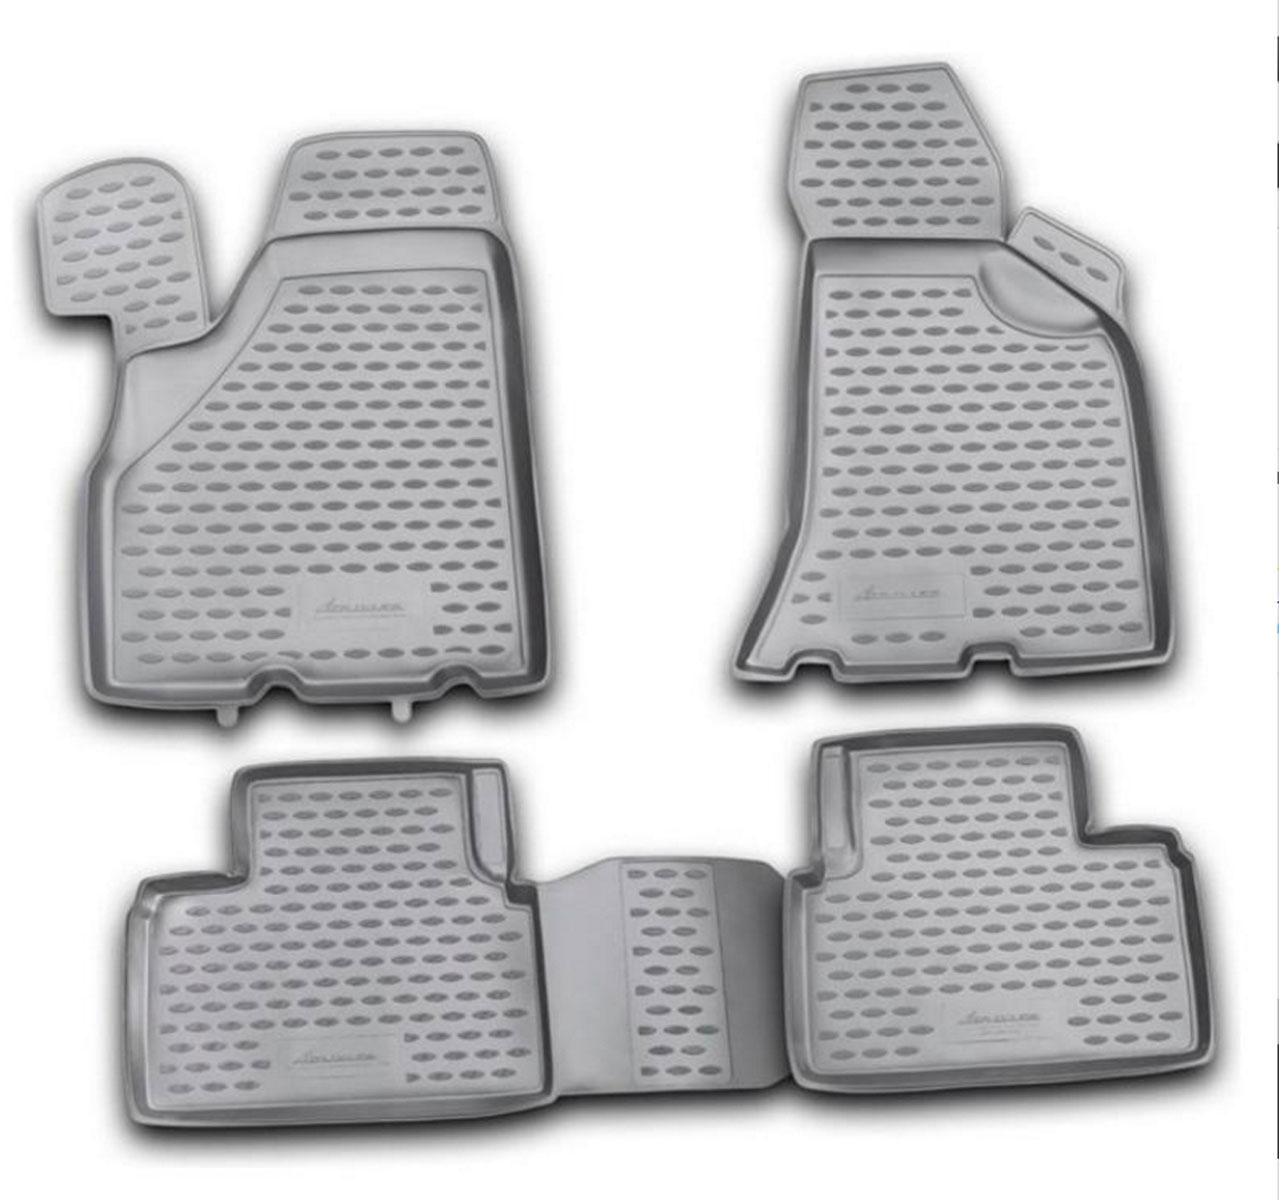 Коврик в салон автомобиля Novline-Autofamily для Lada Priora, 2010 -NLC.52.21.210kflКоврик Novline-Autofamily улучшит внешний вид салона автомобиля и надежно убережет его от пыли, грязи и сырости, а значит, защитит кузов от коррозии. Полиуретановый коврик гладкий, приятный и не пропускает влагу. Полиуретановый автомобильный коврик произведен из высококачественного материала, который держит форму и не пачкает обувь. Коврик надежно крепится на полу и не скользит, что очень важно во время движения, особенно для водителя. Изделие из полиуретана надежно удерживает грязь и влагу, при этом всегда выглядит довольно опрятно. И чистится он очень просто: как при помощи автомобильного пылесоса, так и различными моющими средствами.